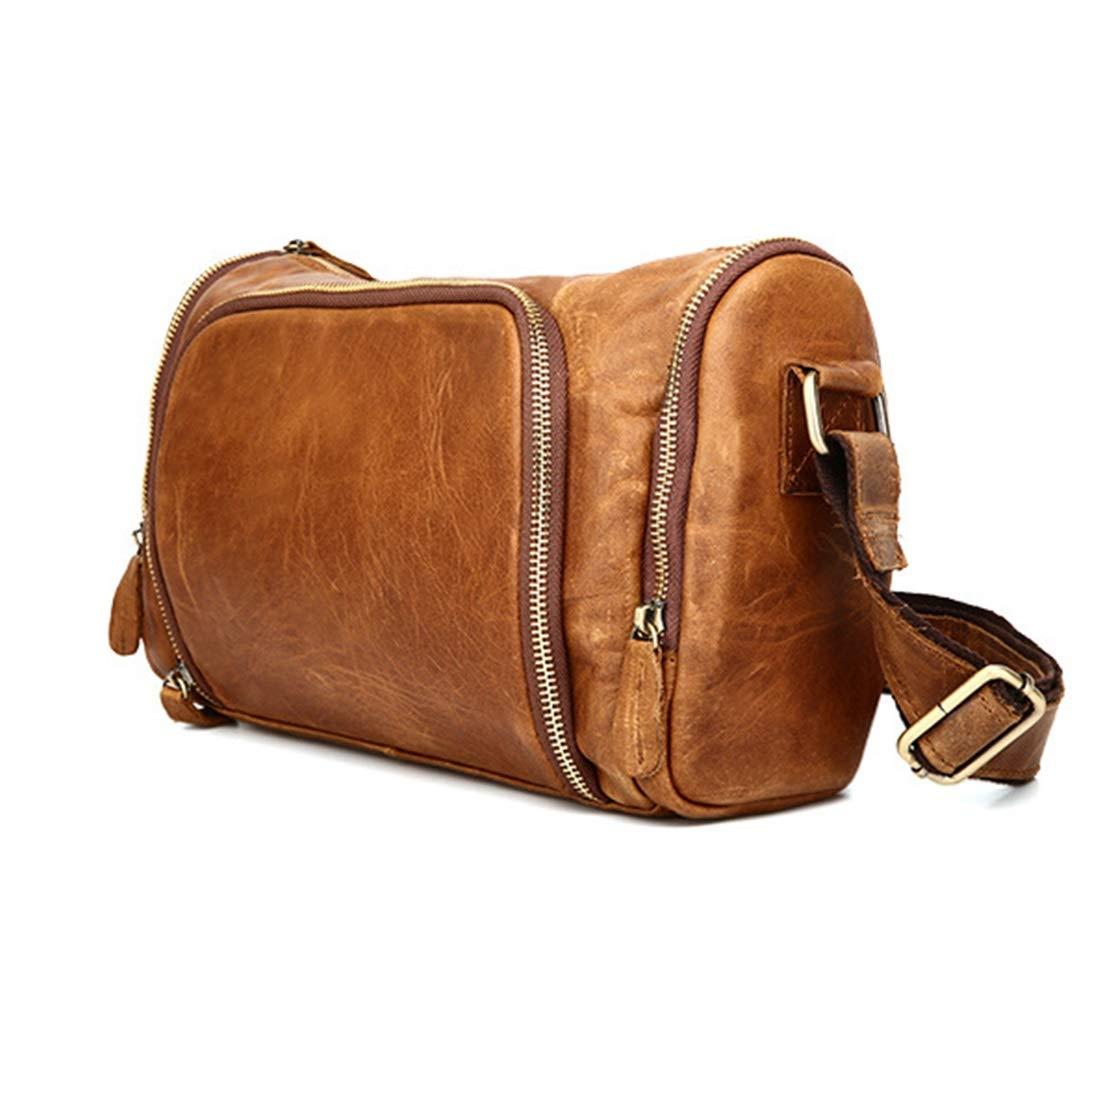 Color : Yelllow KRPENRIO Mens Genuine Leather Cowhide Vintage Crossbody Shoulder Bag Messenger Traval Business Bag School Bookbag Daypack Bag